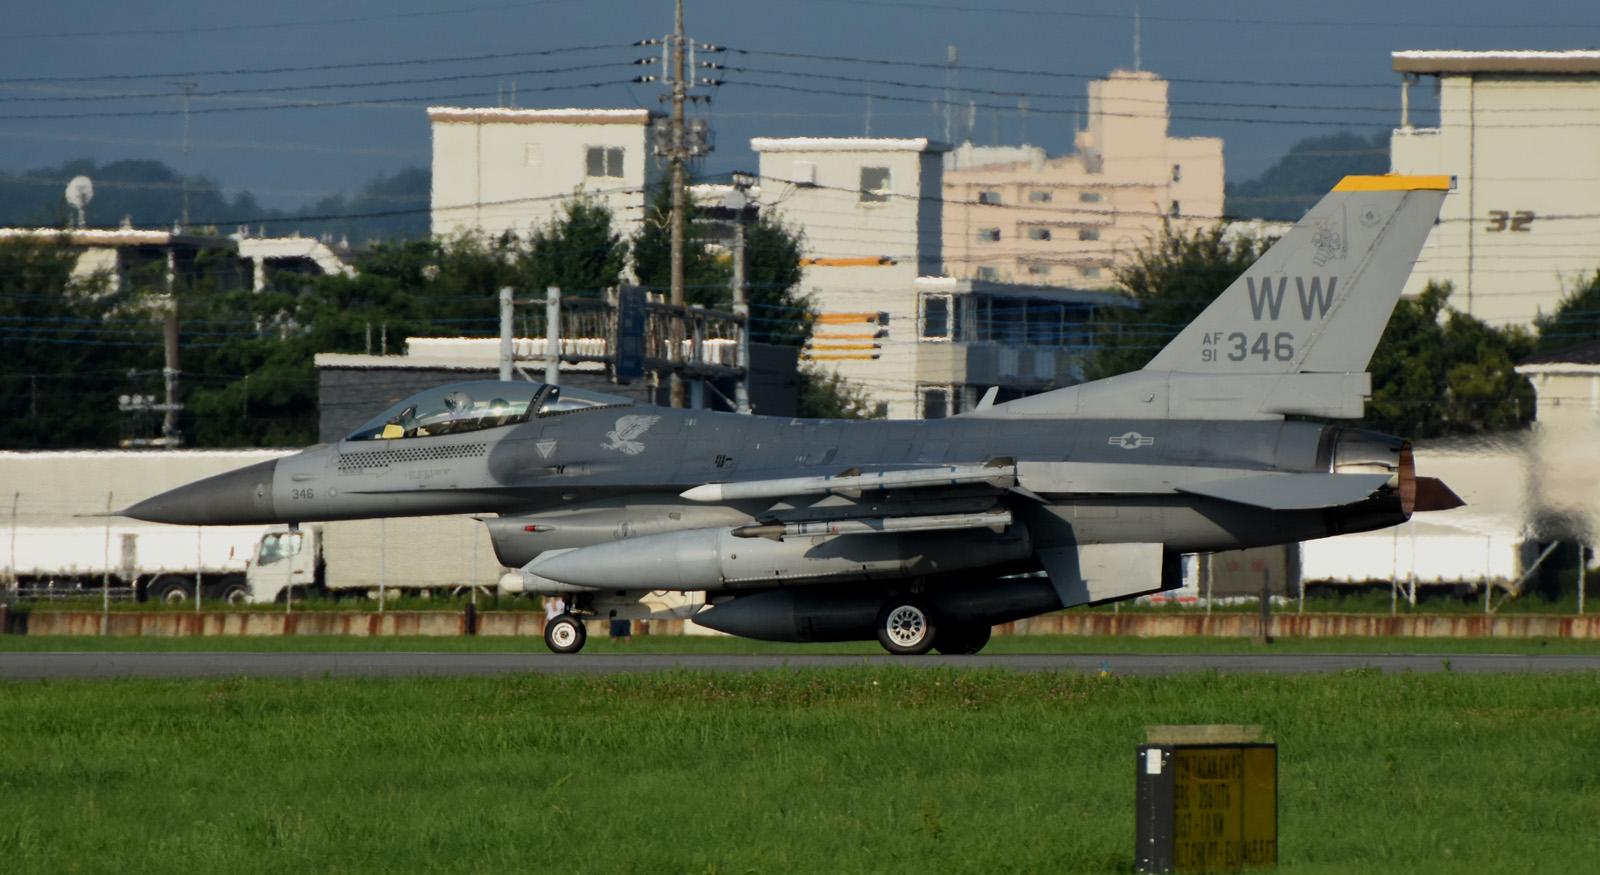 F16cm160805g851